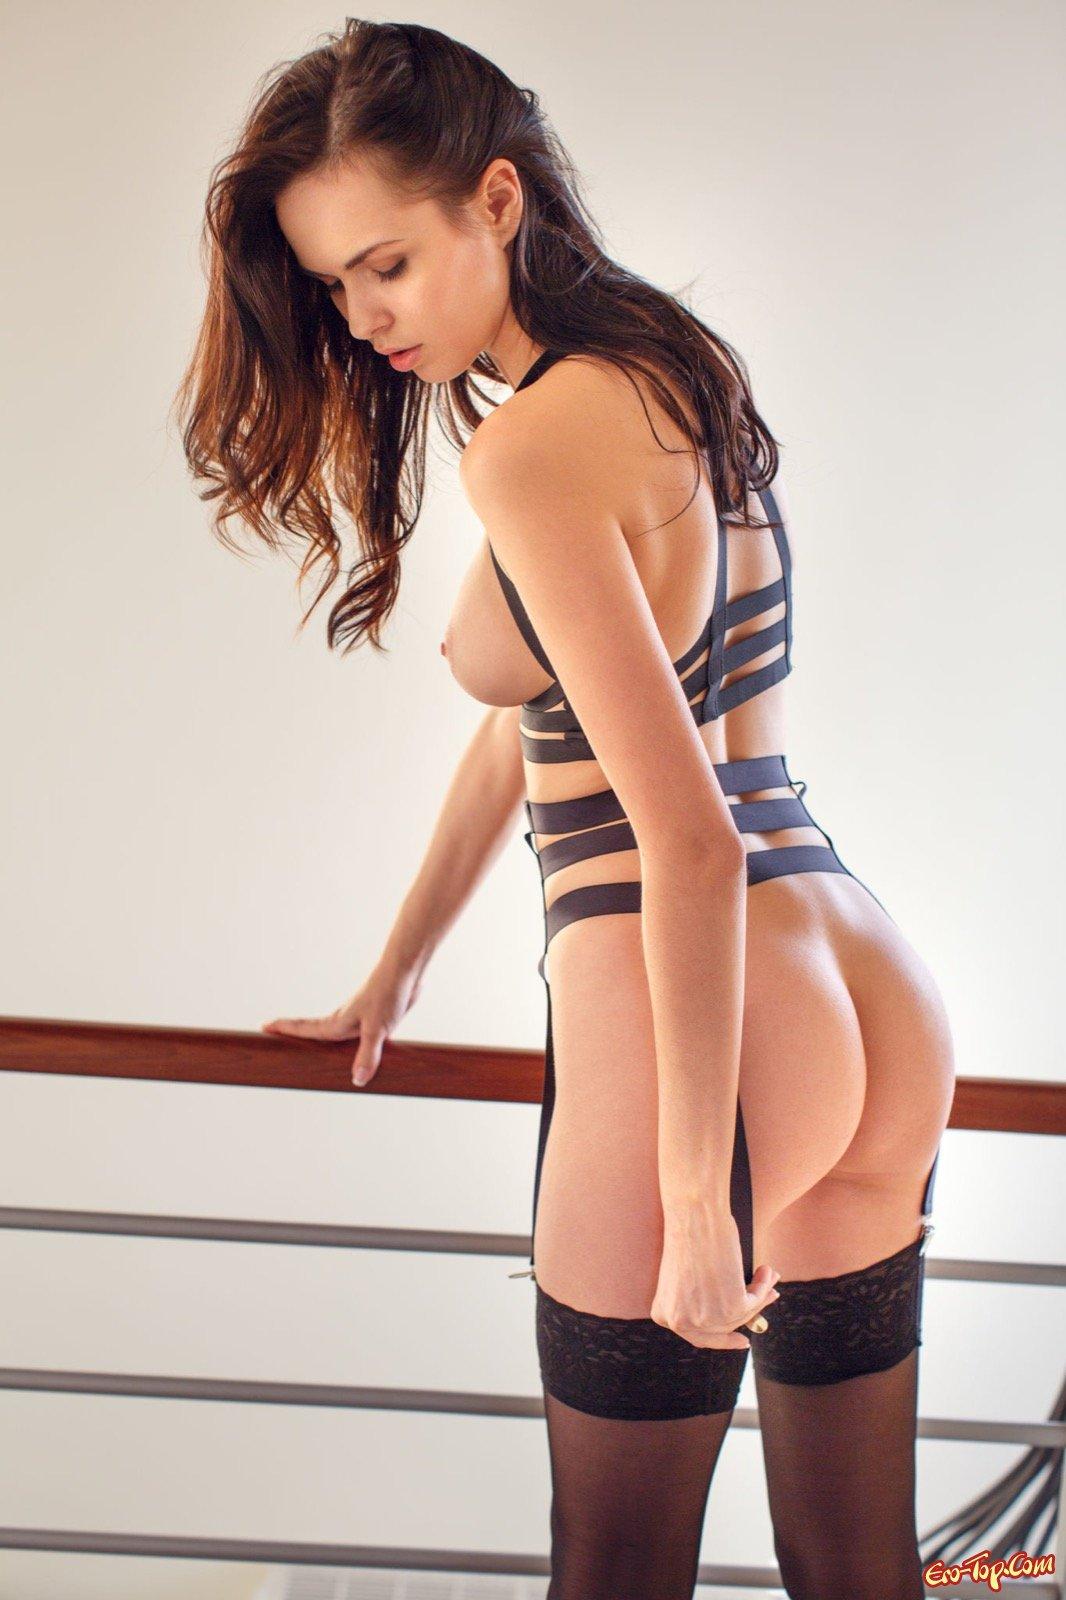 Девушка в чулках и на каблуках эротично позирует